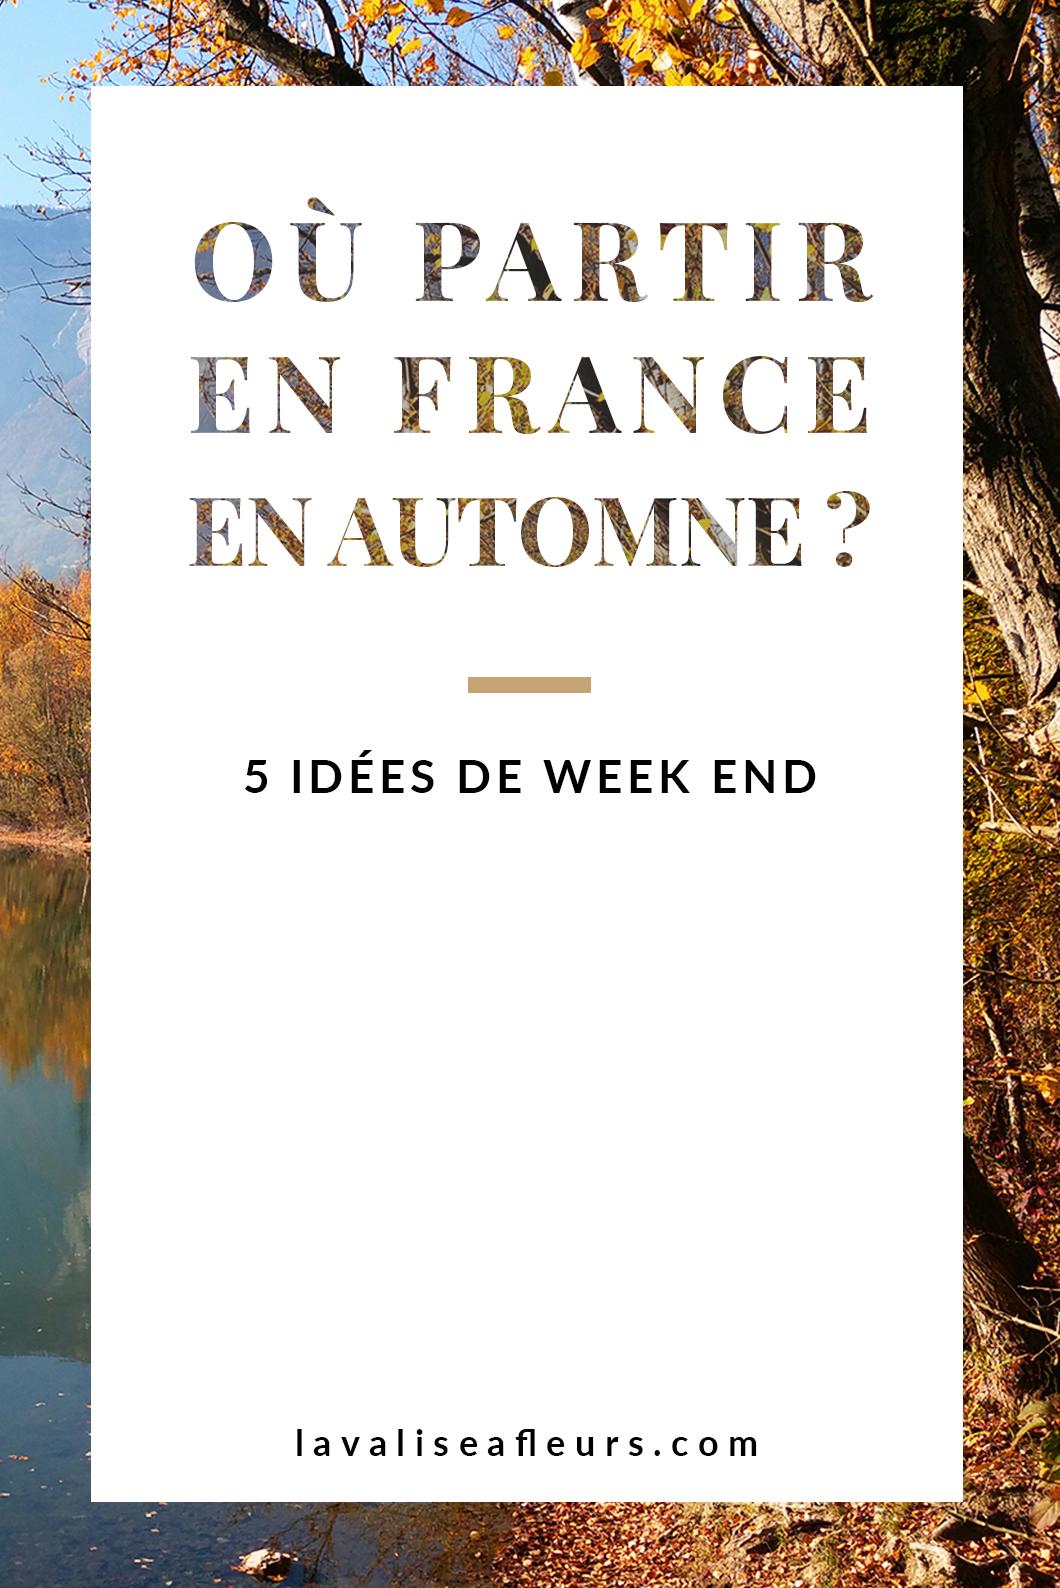 Où partir en France en automne ? 5 idées de week end en France